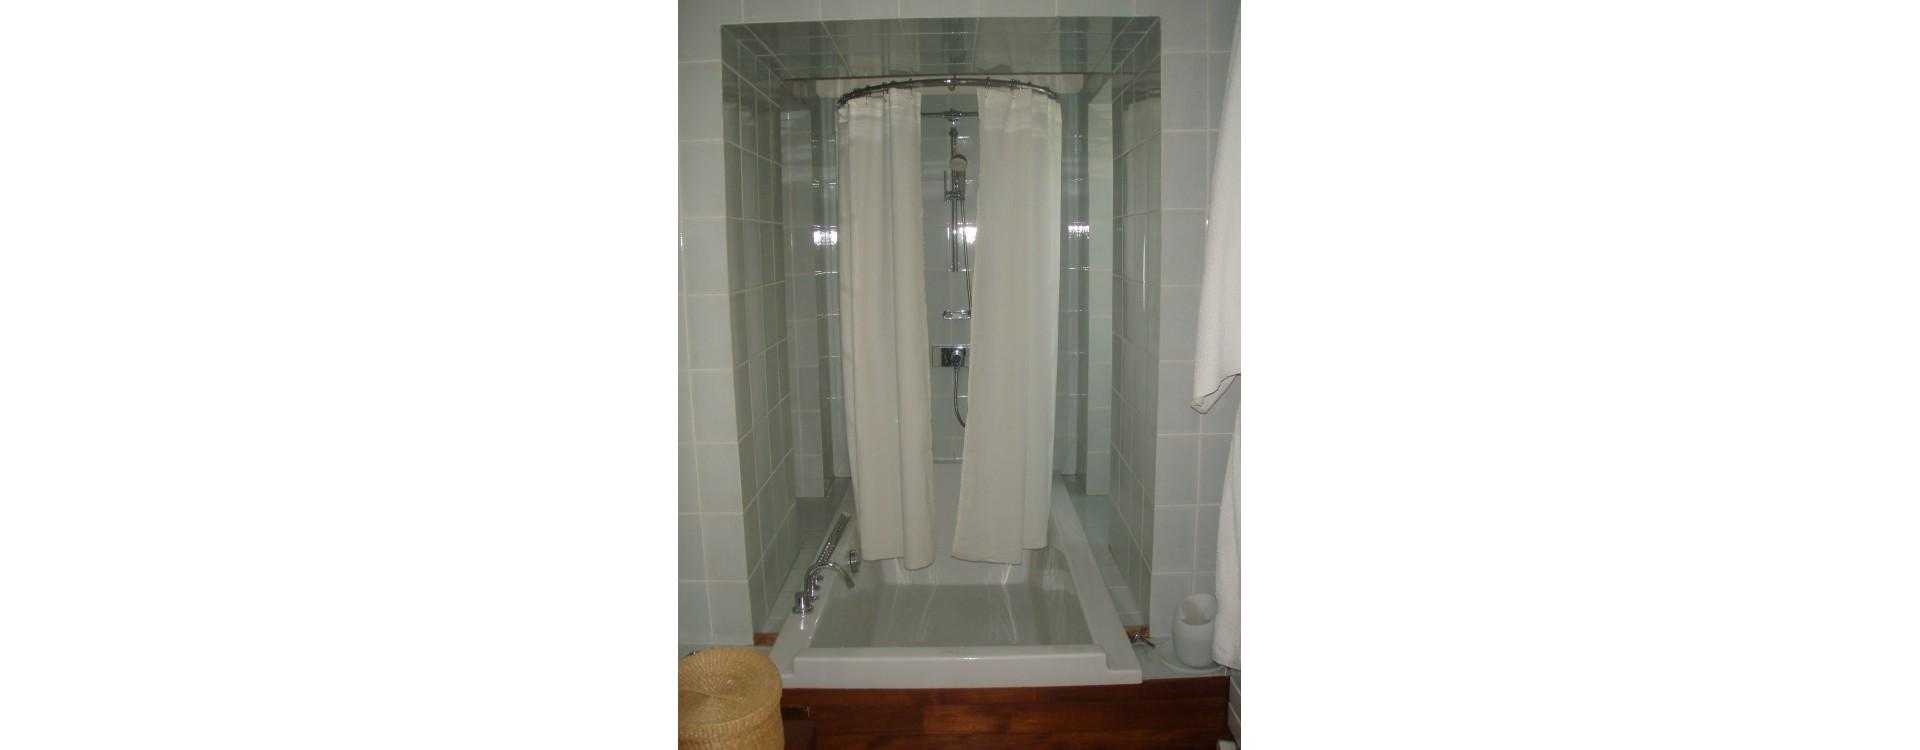 paroi de douche textile asym trique pour une douc. Black Bedroom Furniture Sets. Home Design Ideas